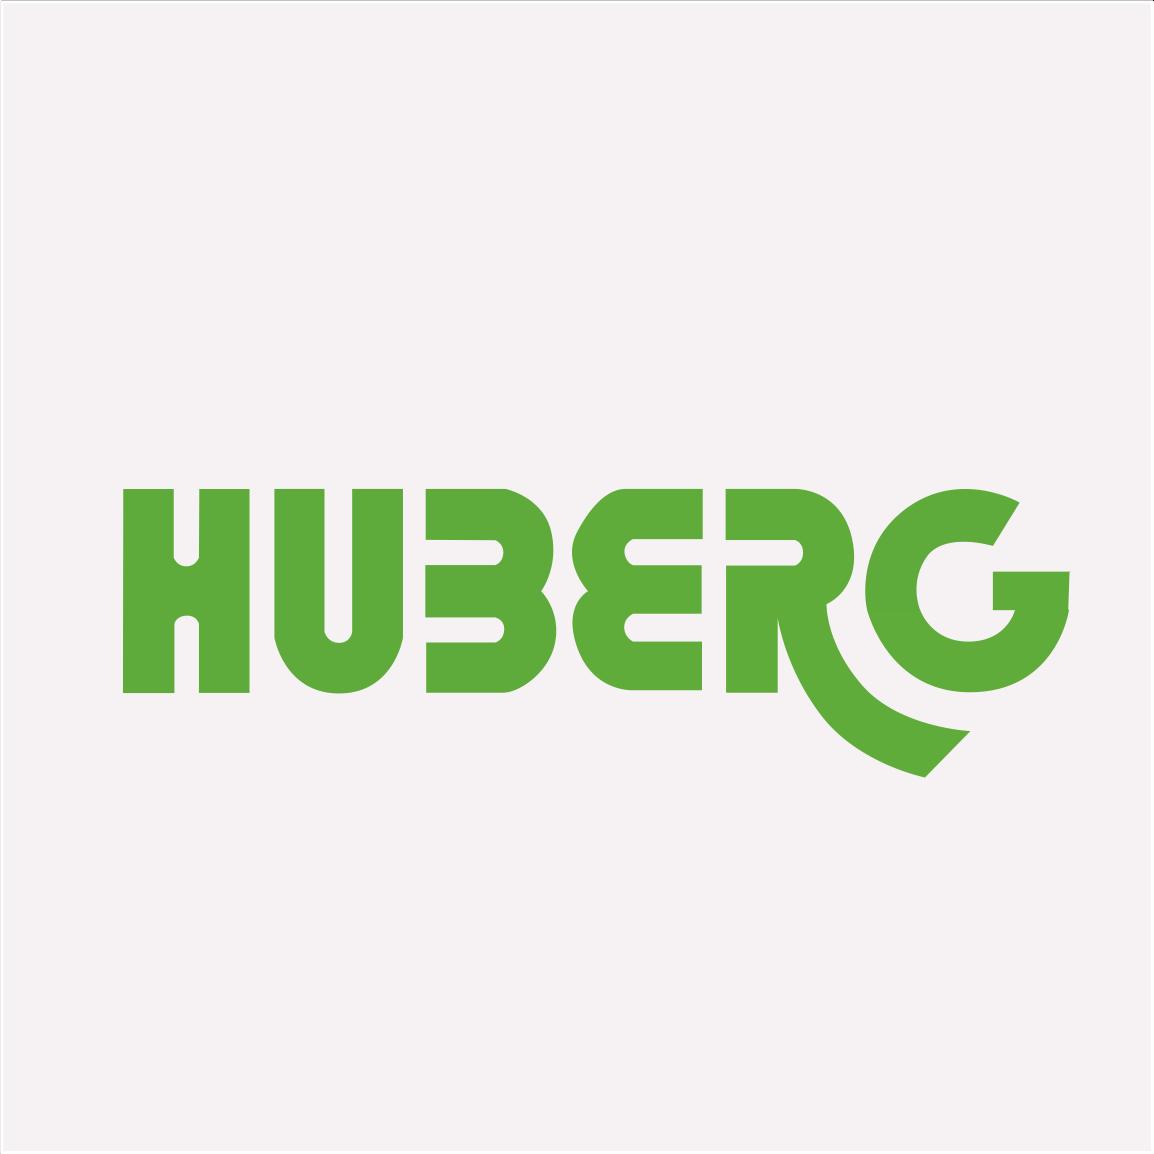 Huberg ERT Lda